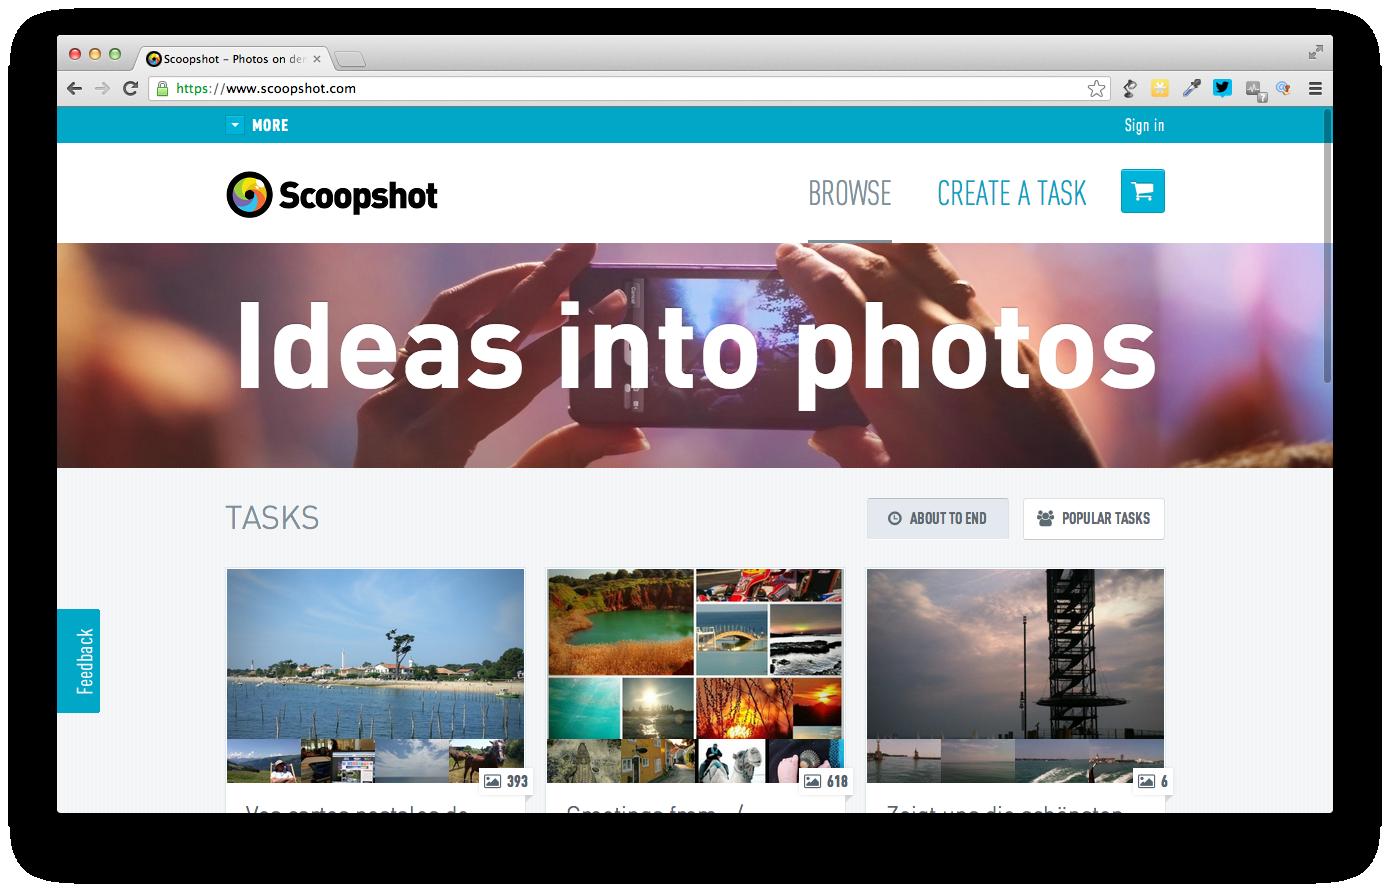 Disrupt en eksisterende industri – gør som Scoopshot